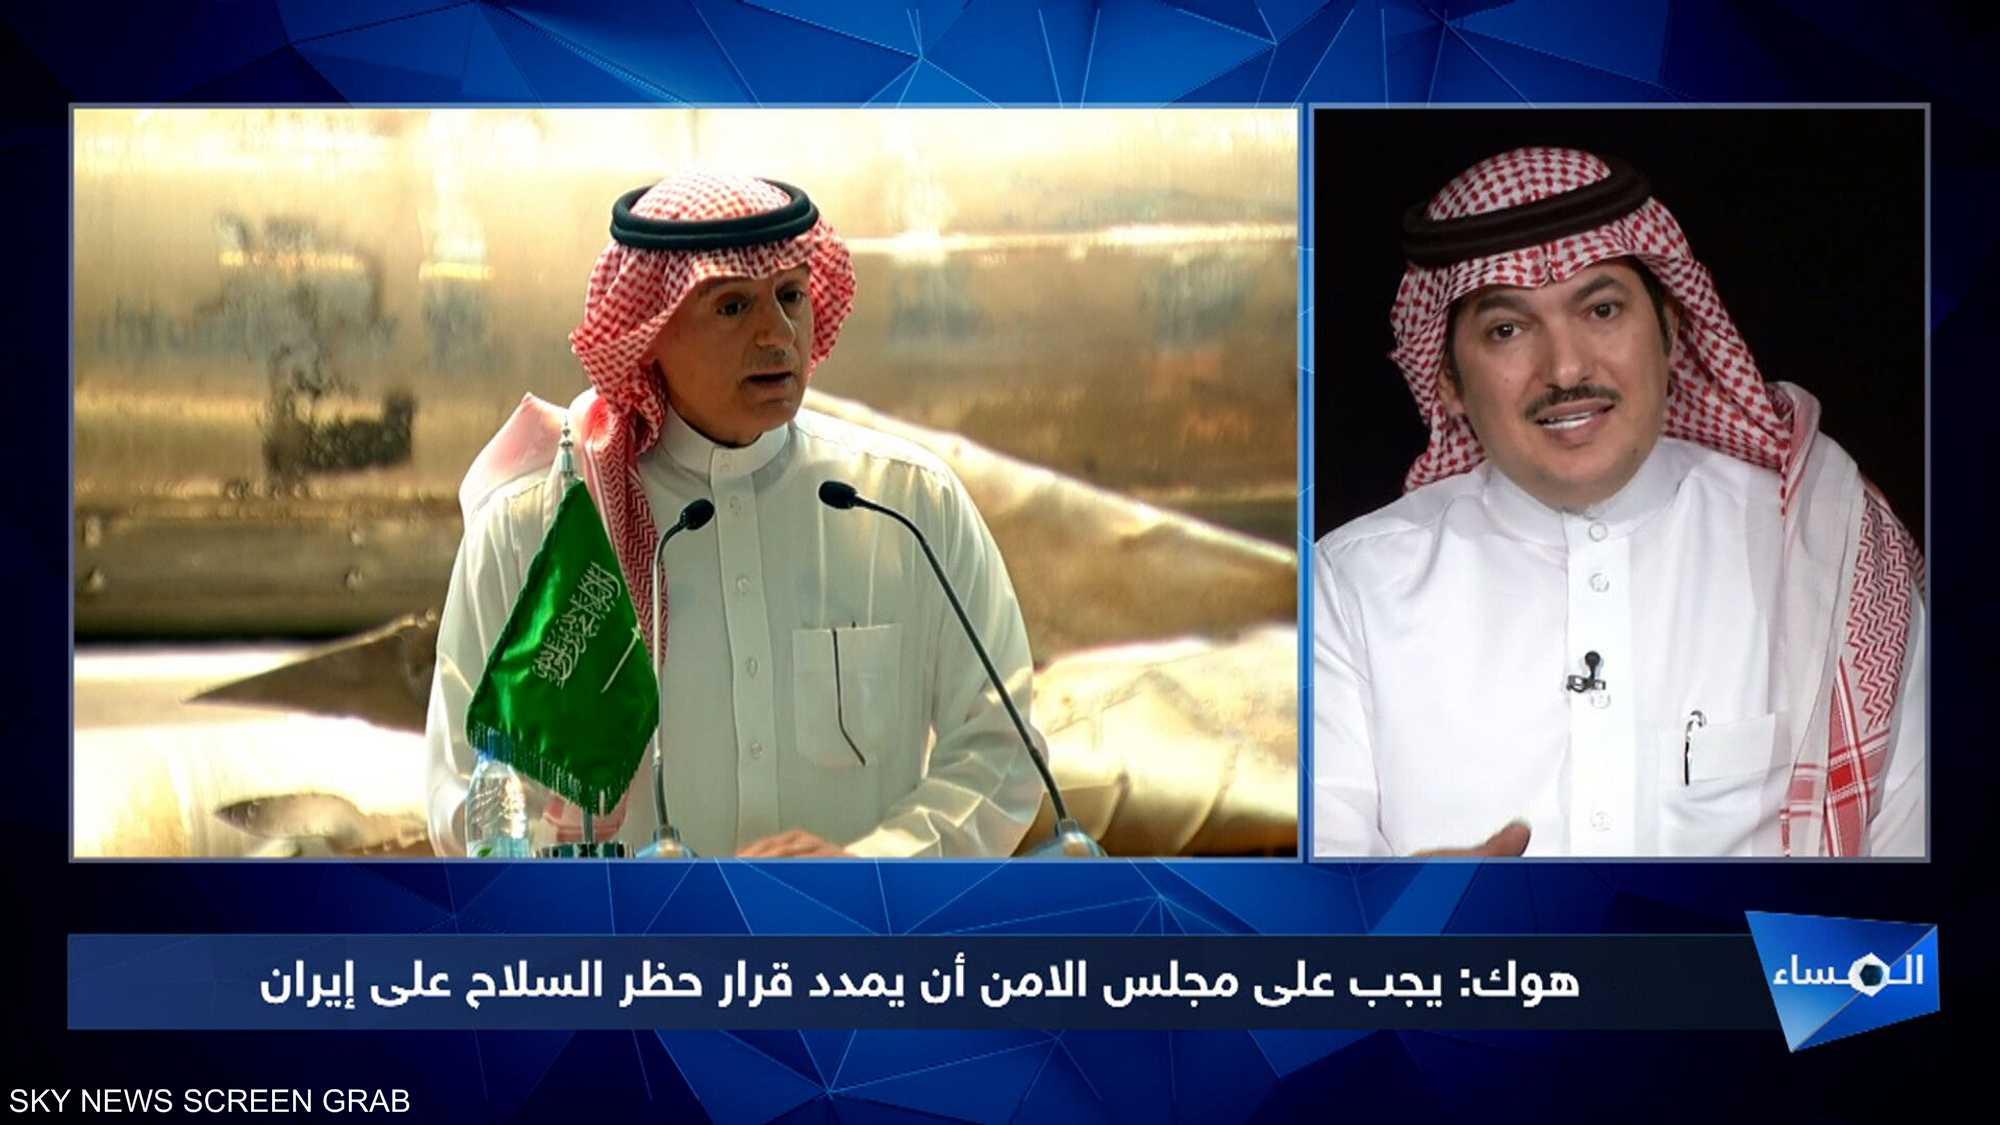 هوك: يجب على مجلس الأمن أن يمدد قرار حظر السلاح على إيران